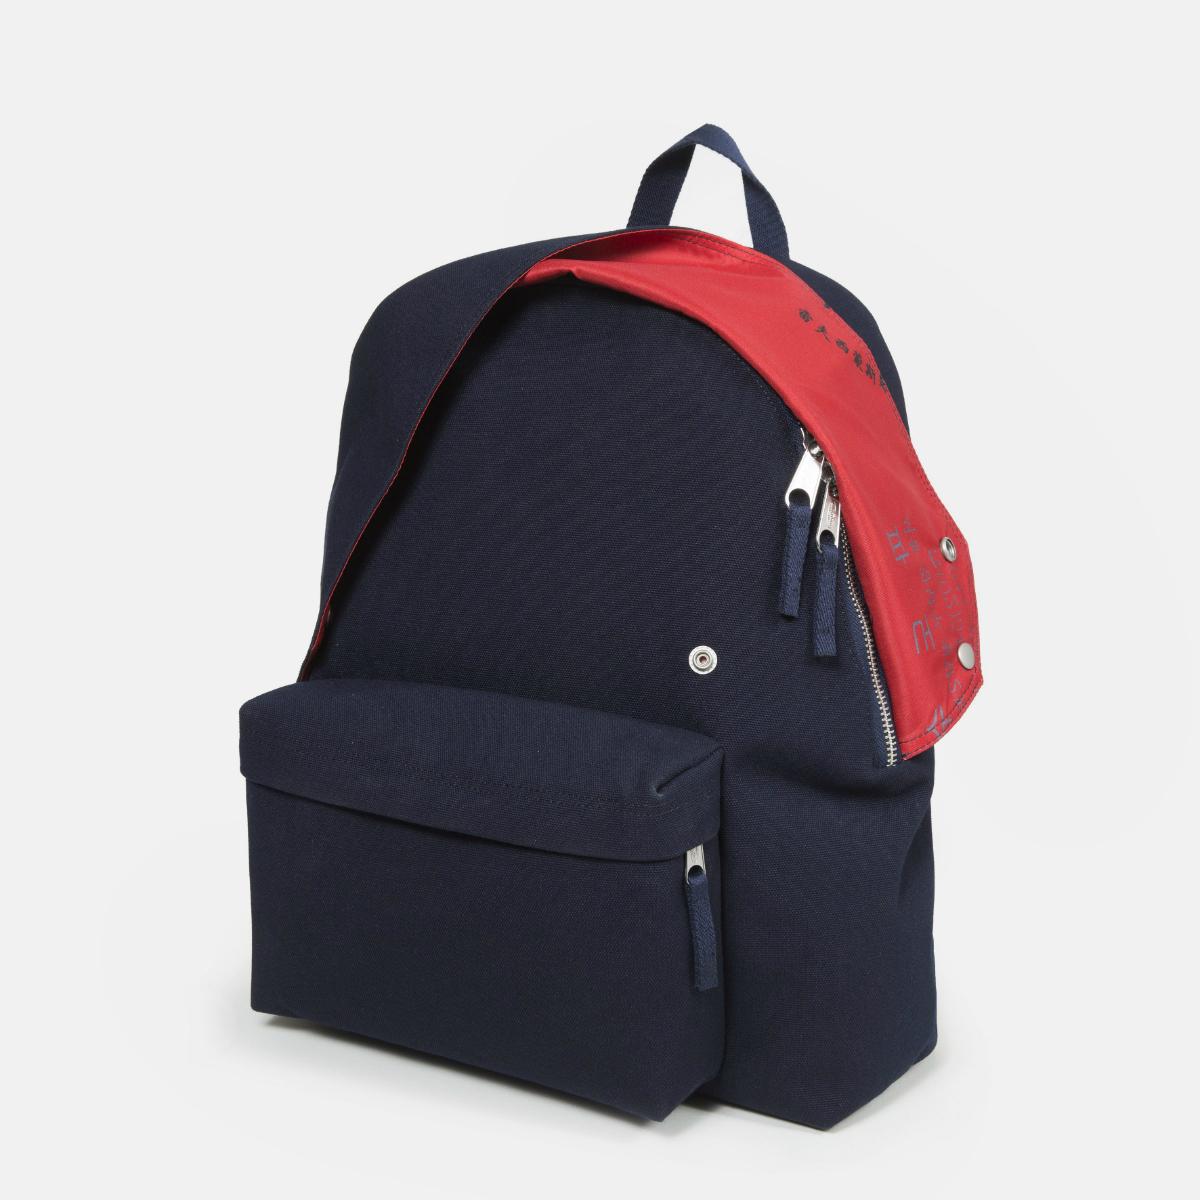 Kolekce Eastpack ve spolupráci s návrhářem Rafem Simonsem